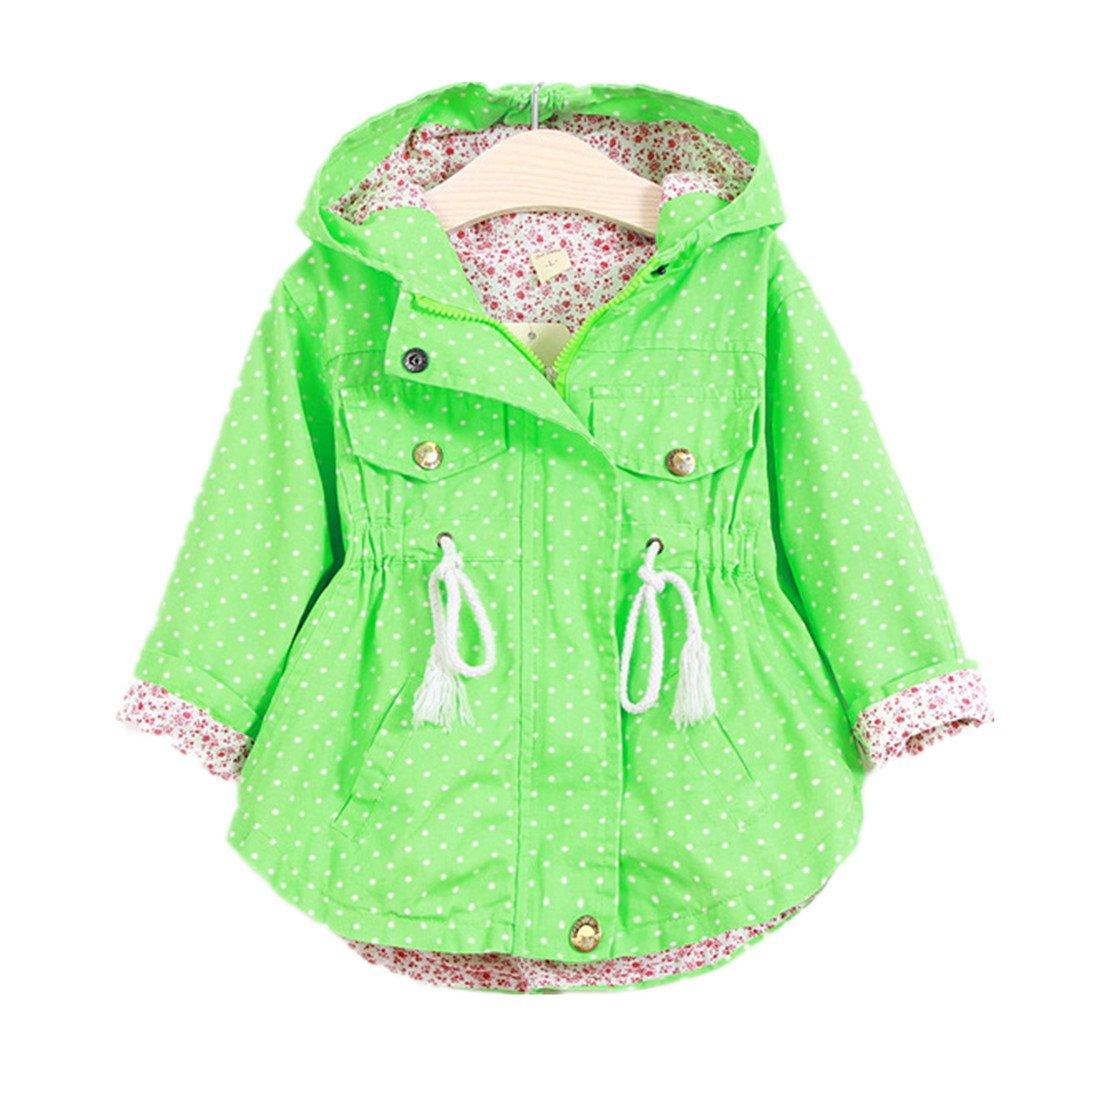 Winzik Little Baby Girls Kids Outfits Spring Autumn Polka Dot Pattern Hooded Windbreaker Jacket Casual Outerwear Coat Green)